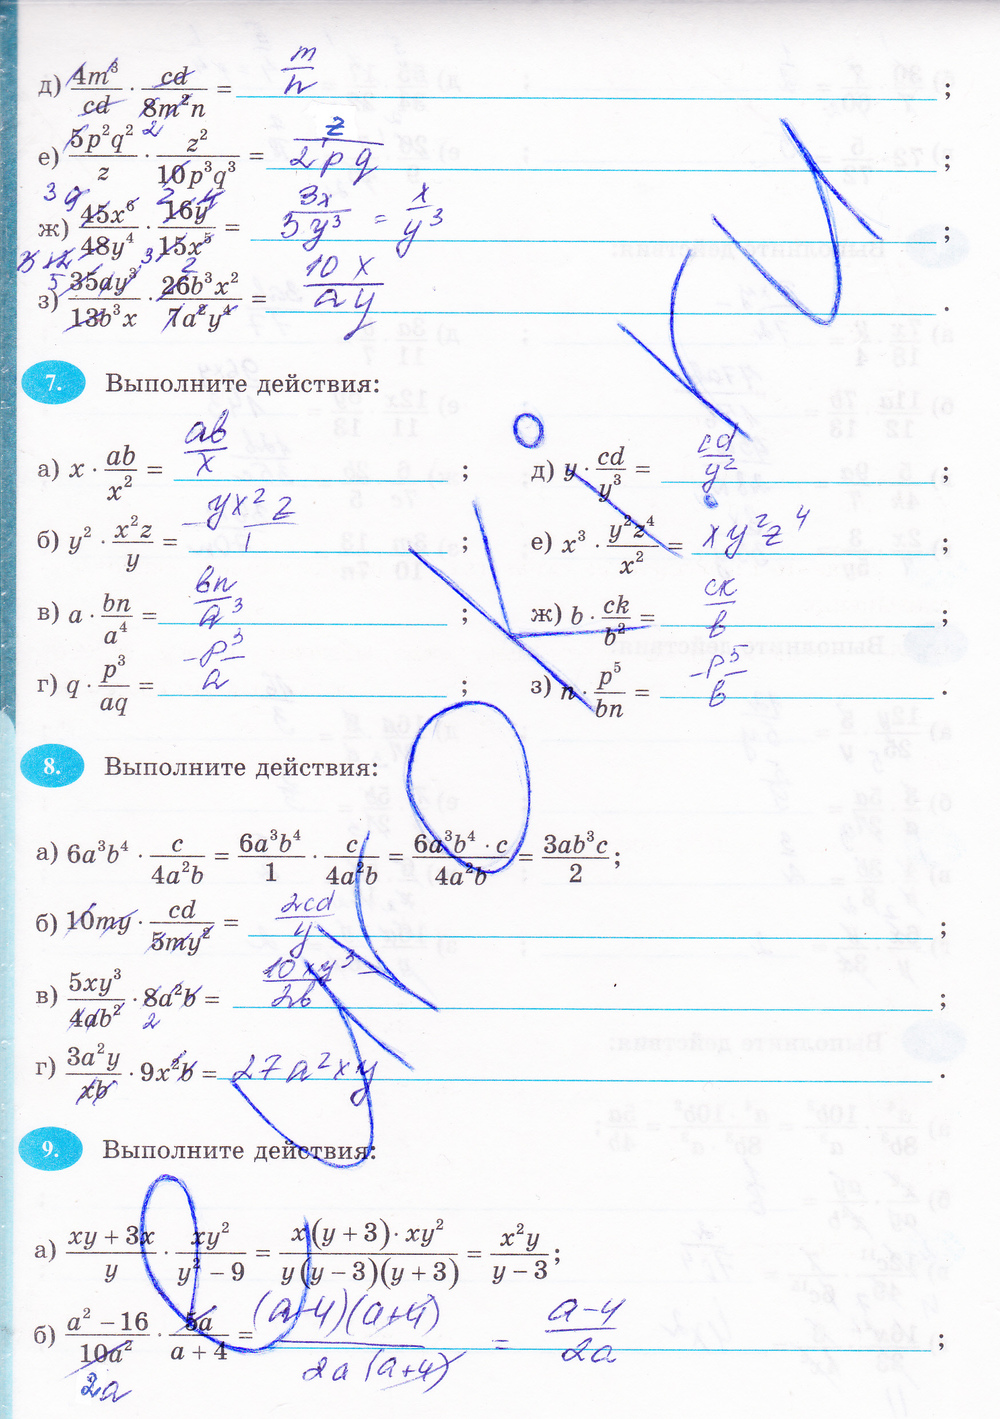 смотреть гдз по алгебре решебник